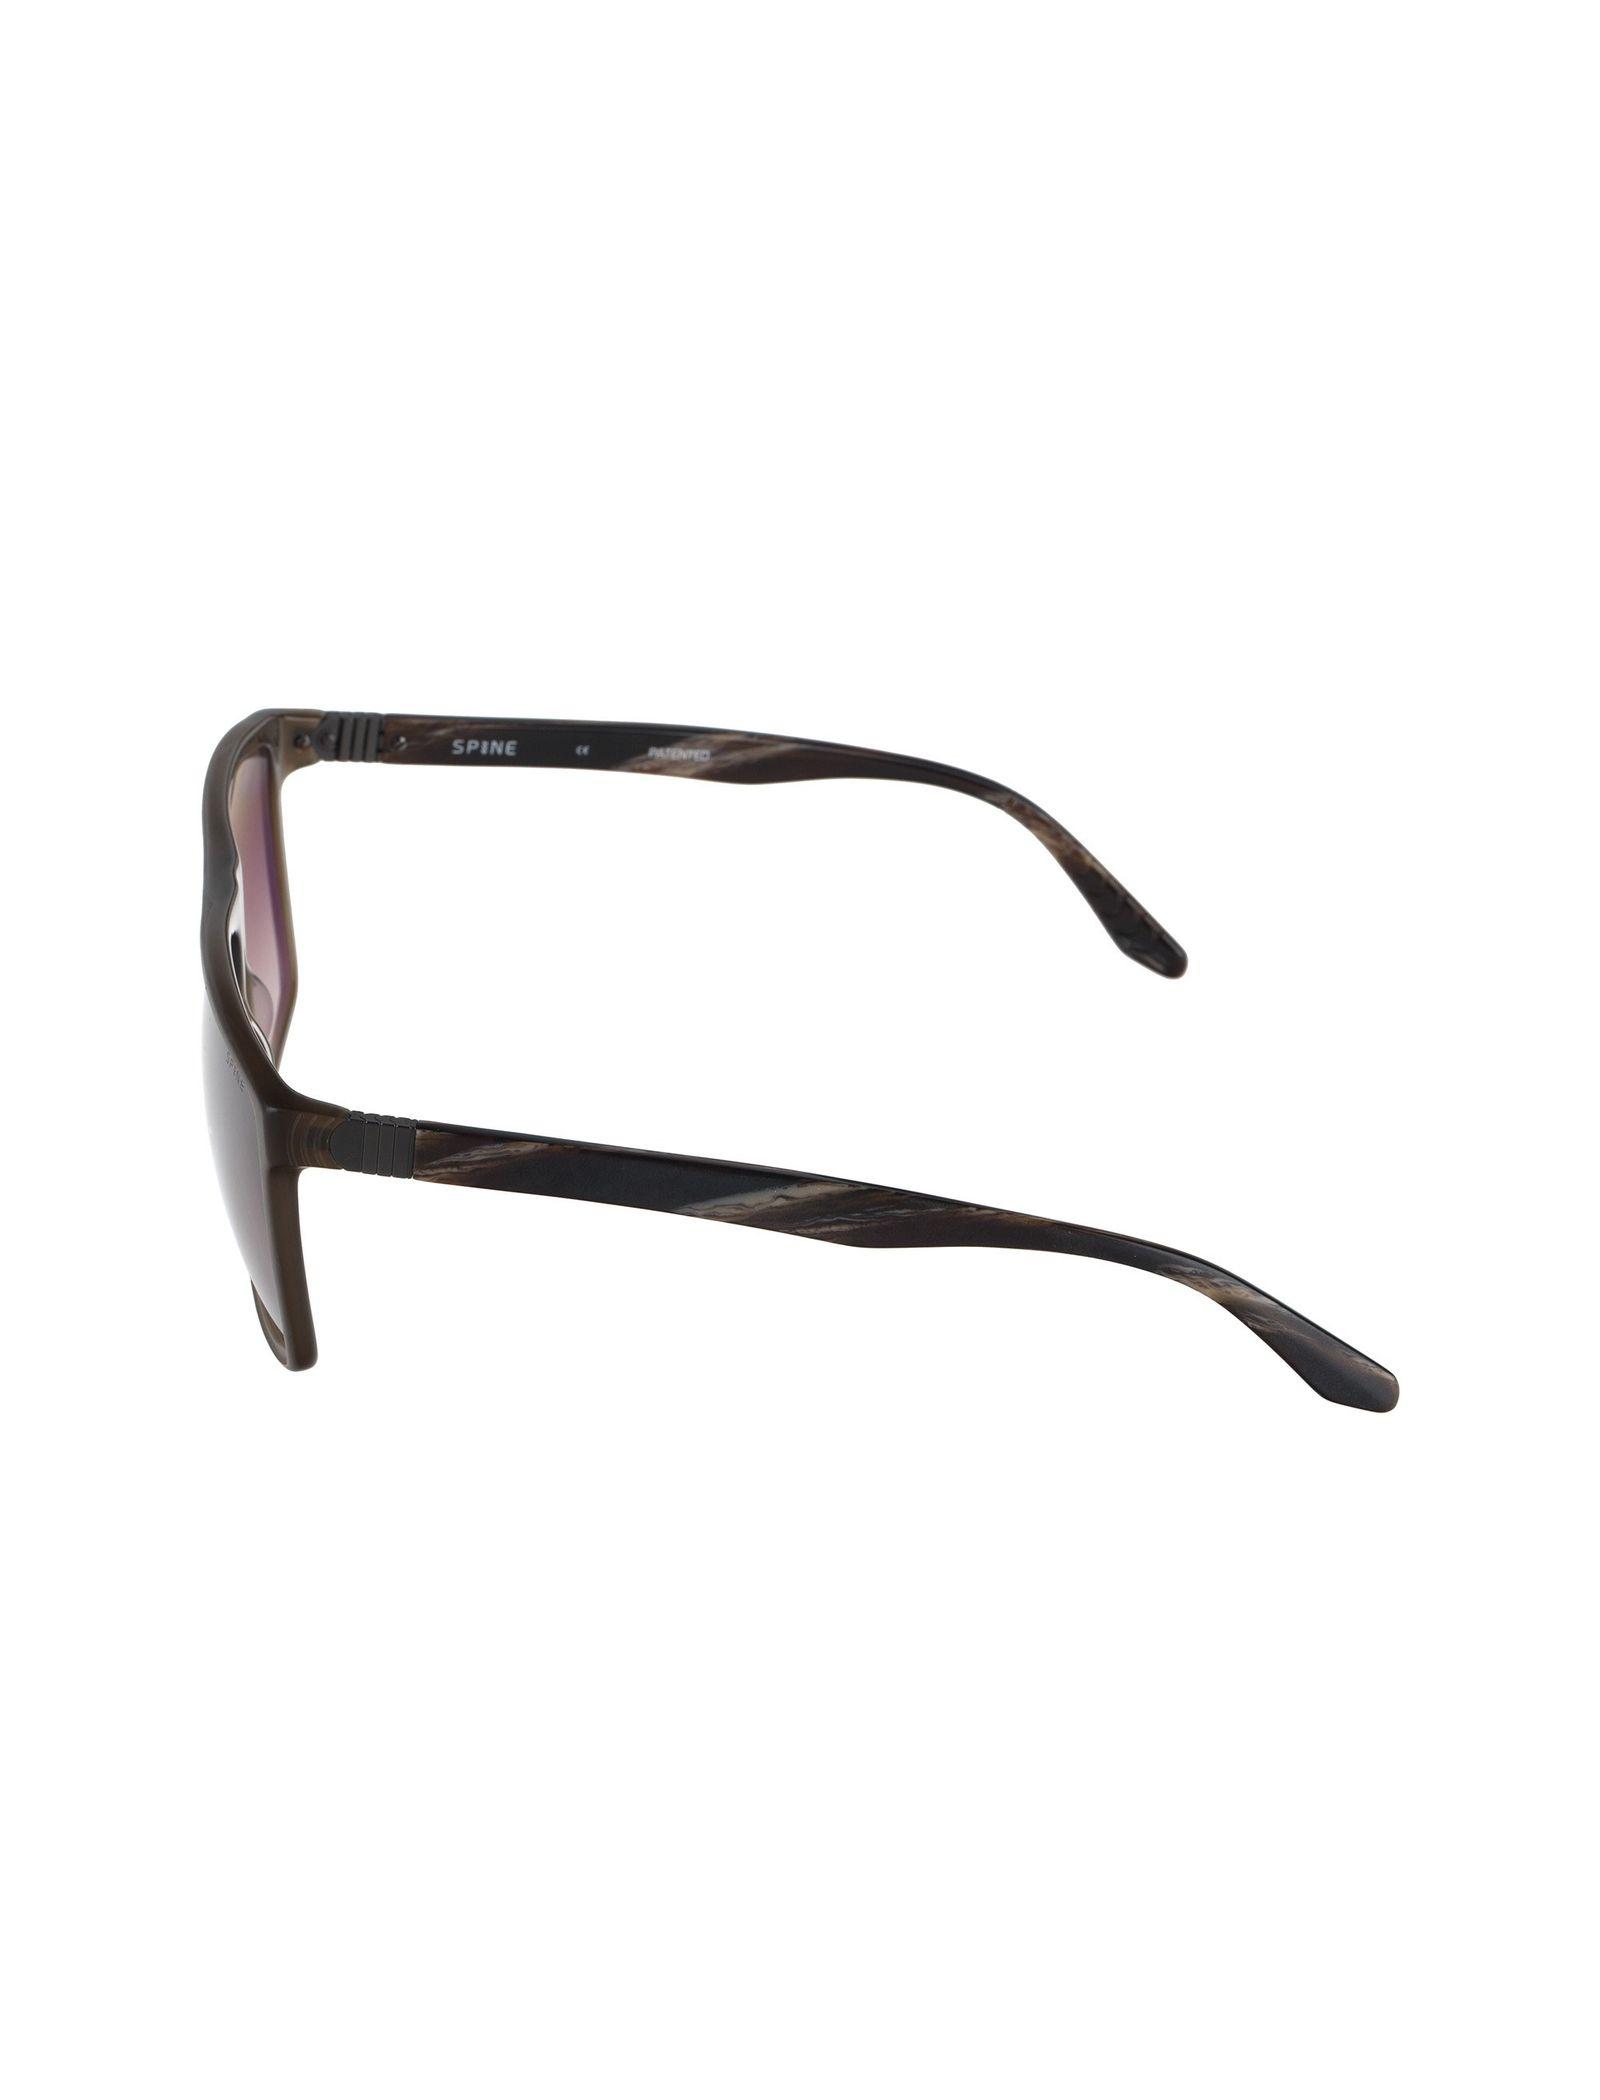 عینک آفتابی ویفرر مردانه - اسپاین - قهوه اي شفاف - 3